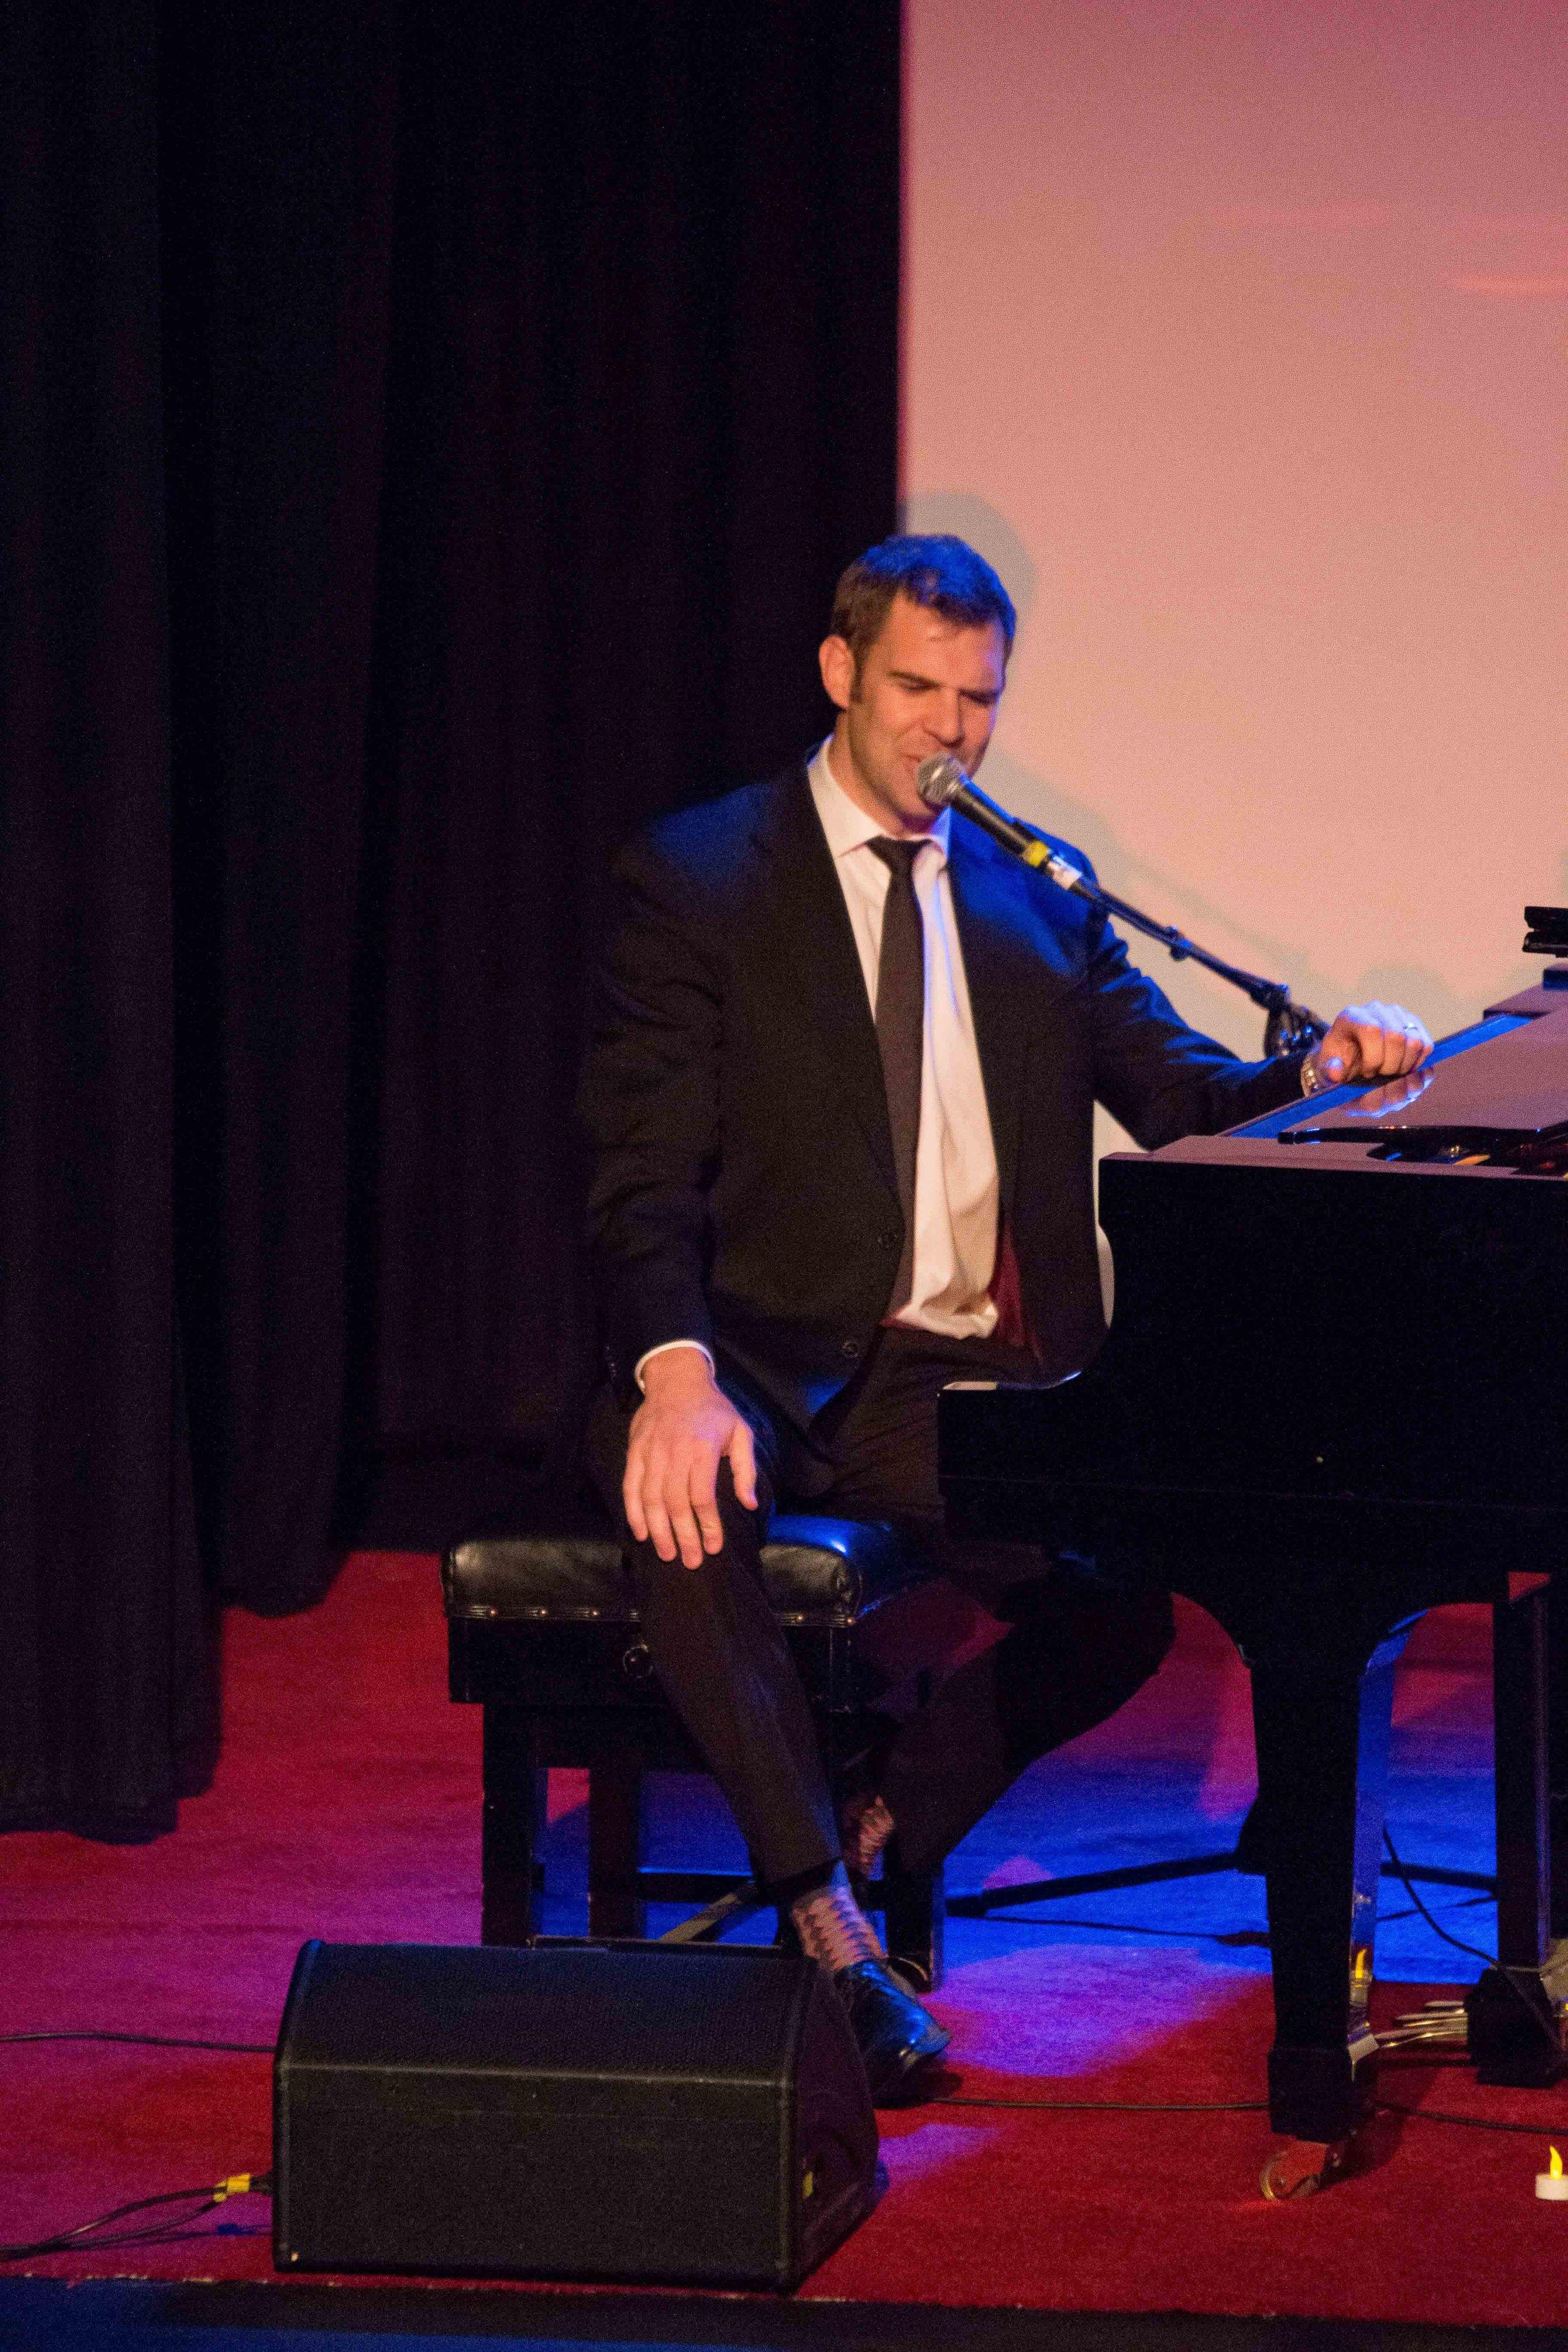 Allingham Festival Concert 2016 - Abbey Arts Centre, Ballyshannon - Nov. 5th 2016-130.jpg